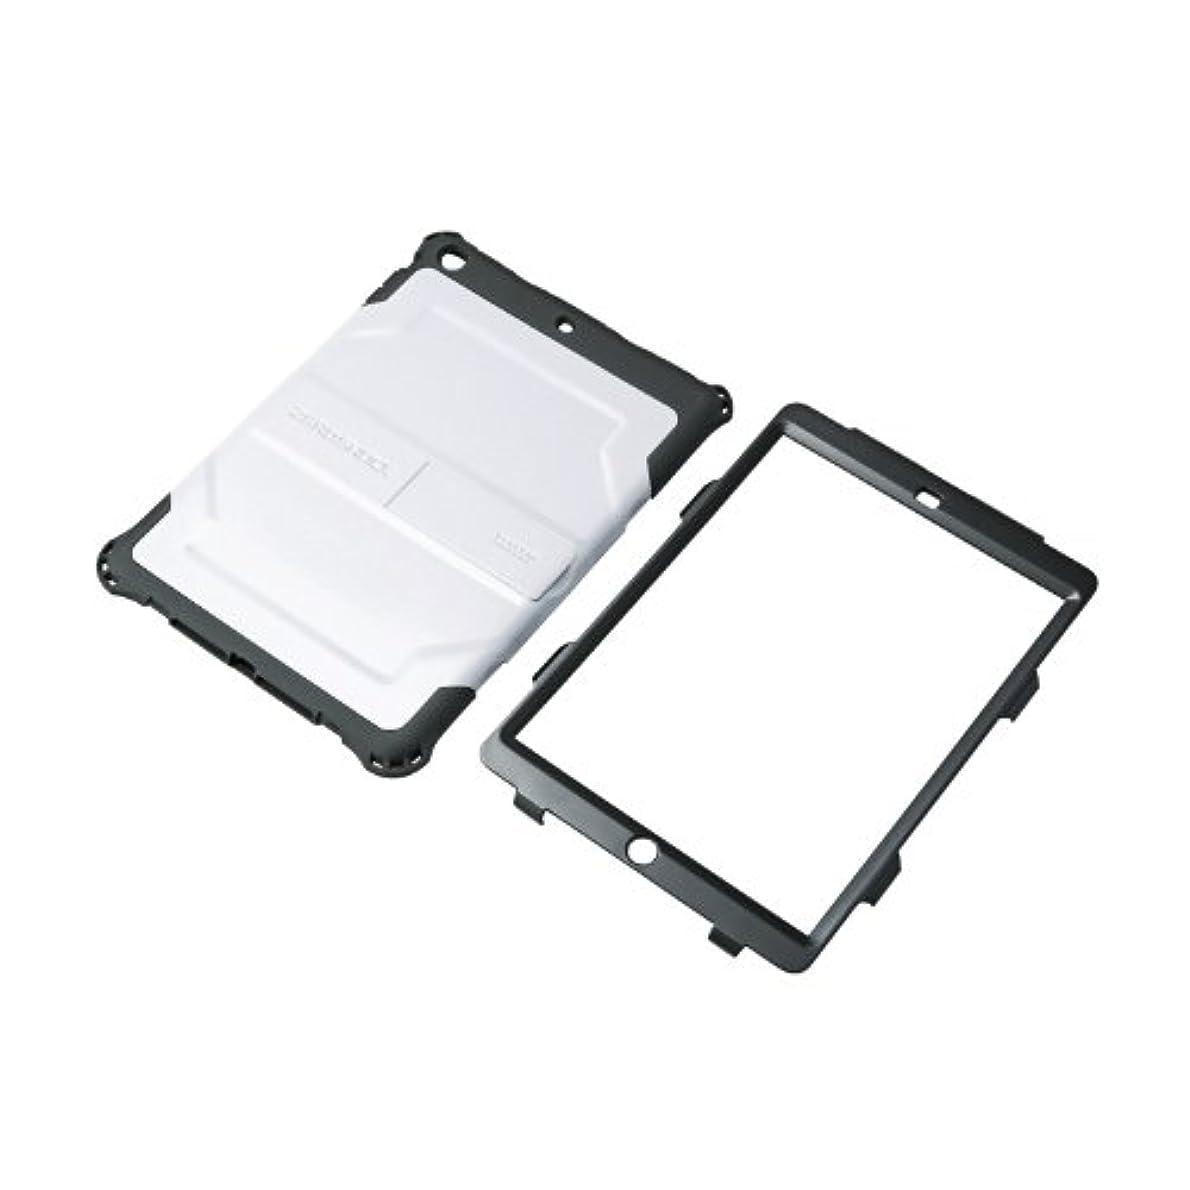 モード投げ捨てるパトロン【2014年モデル】ELECOM iPad Air 耐衝撃ハイブリッドケース ホワイト TB-A13HVWH